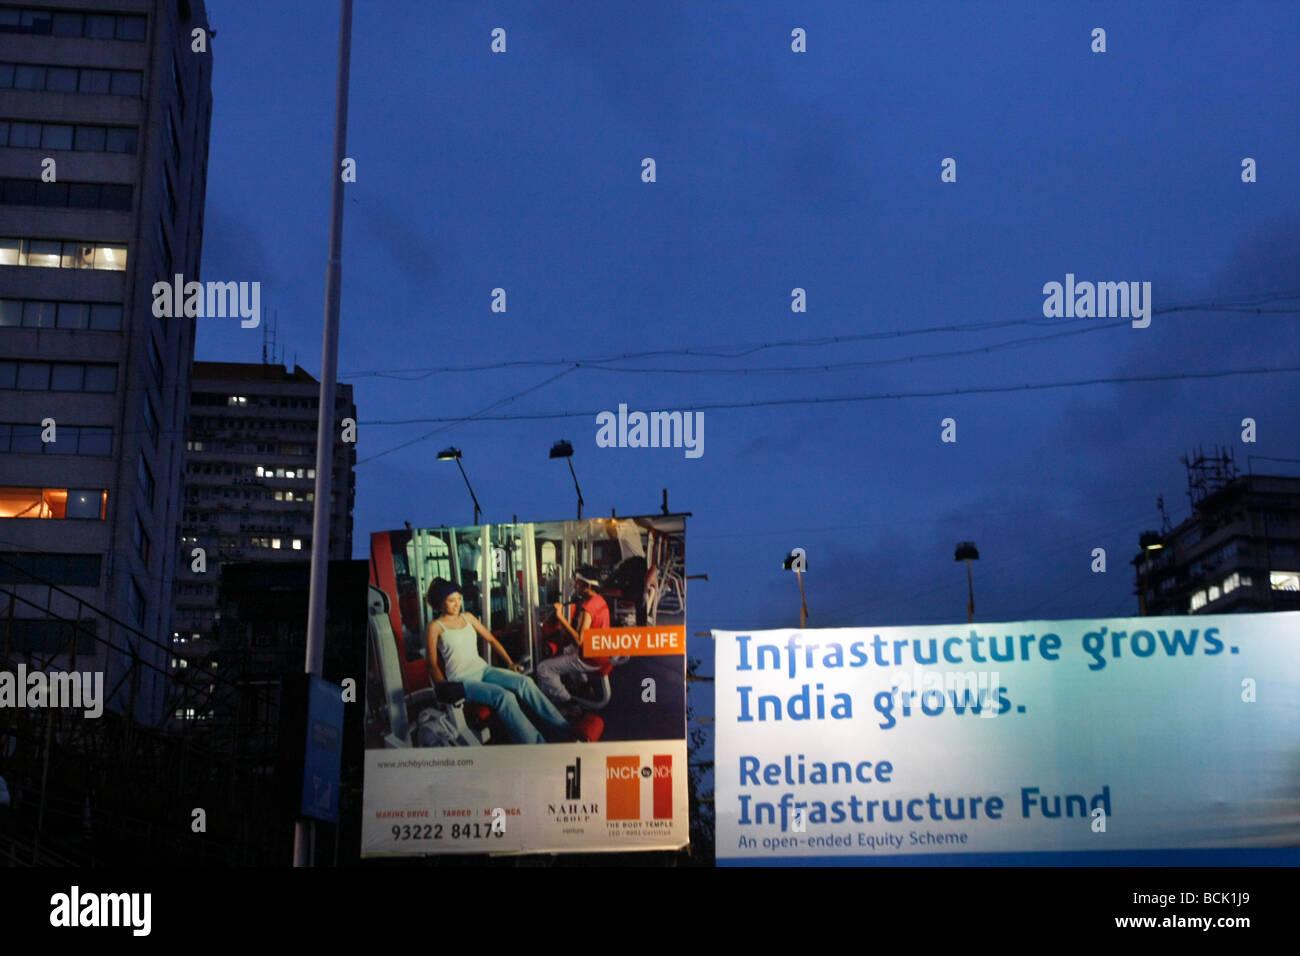 Große Platten werben für Immobilien und Infrastruktur entlang der Marine Drive in Mumbai (Bombay), Indien Stockbild